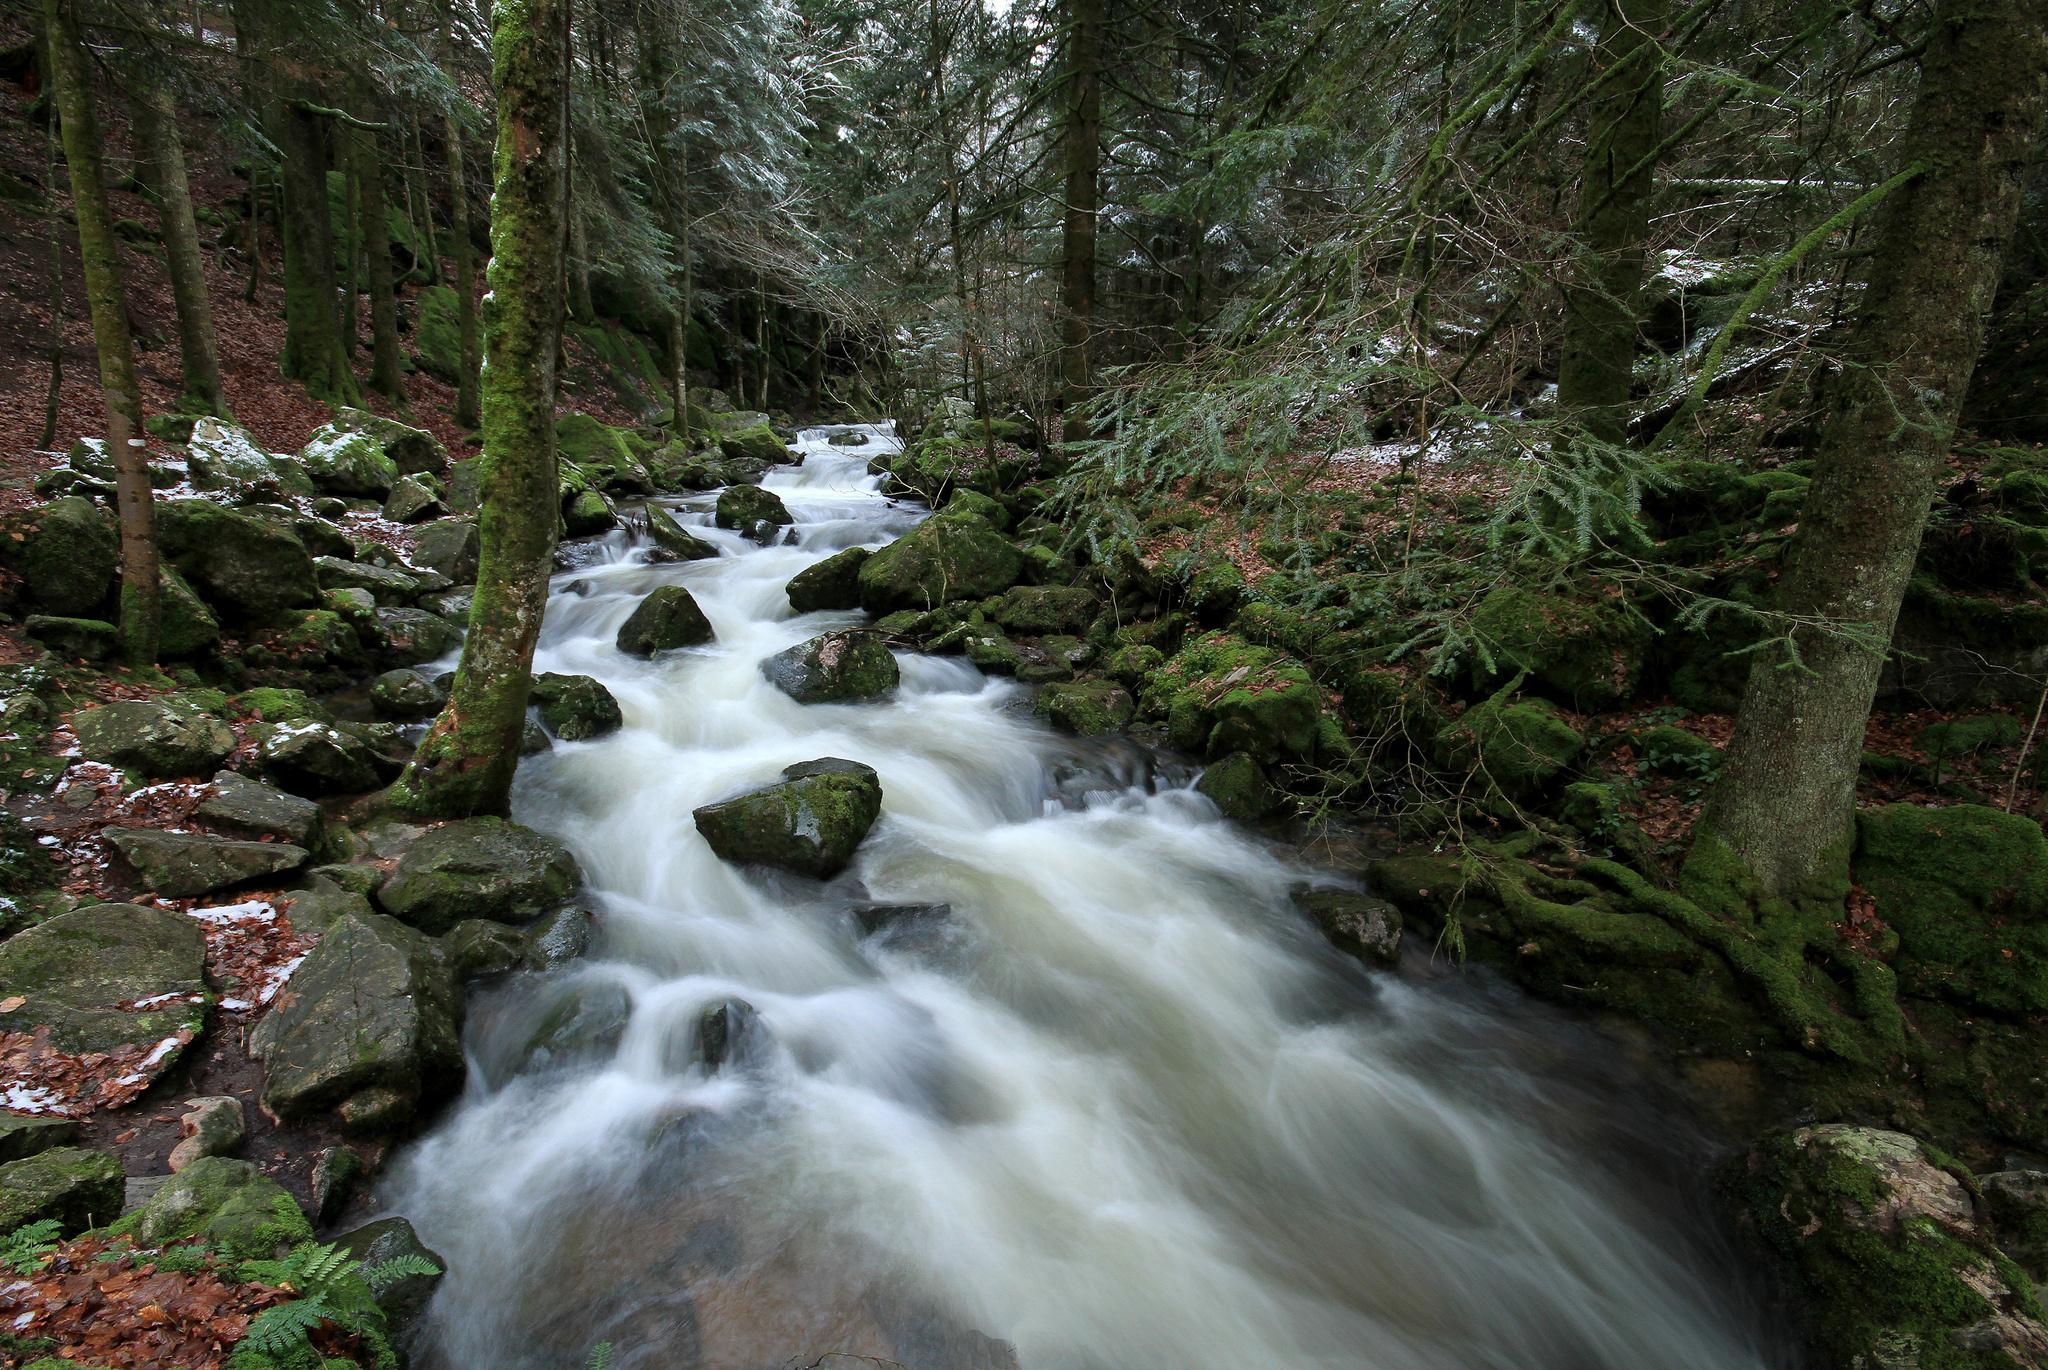 River forest rocks wallpaper 2048x1370 117181 WallpaperUP 2048x1370